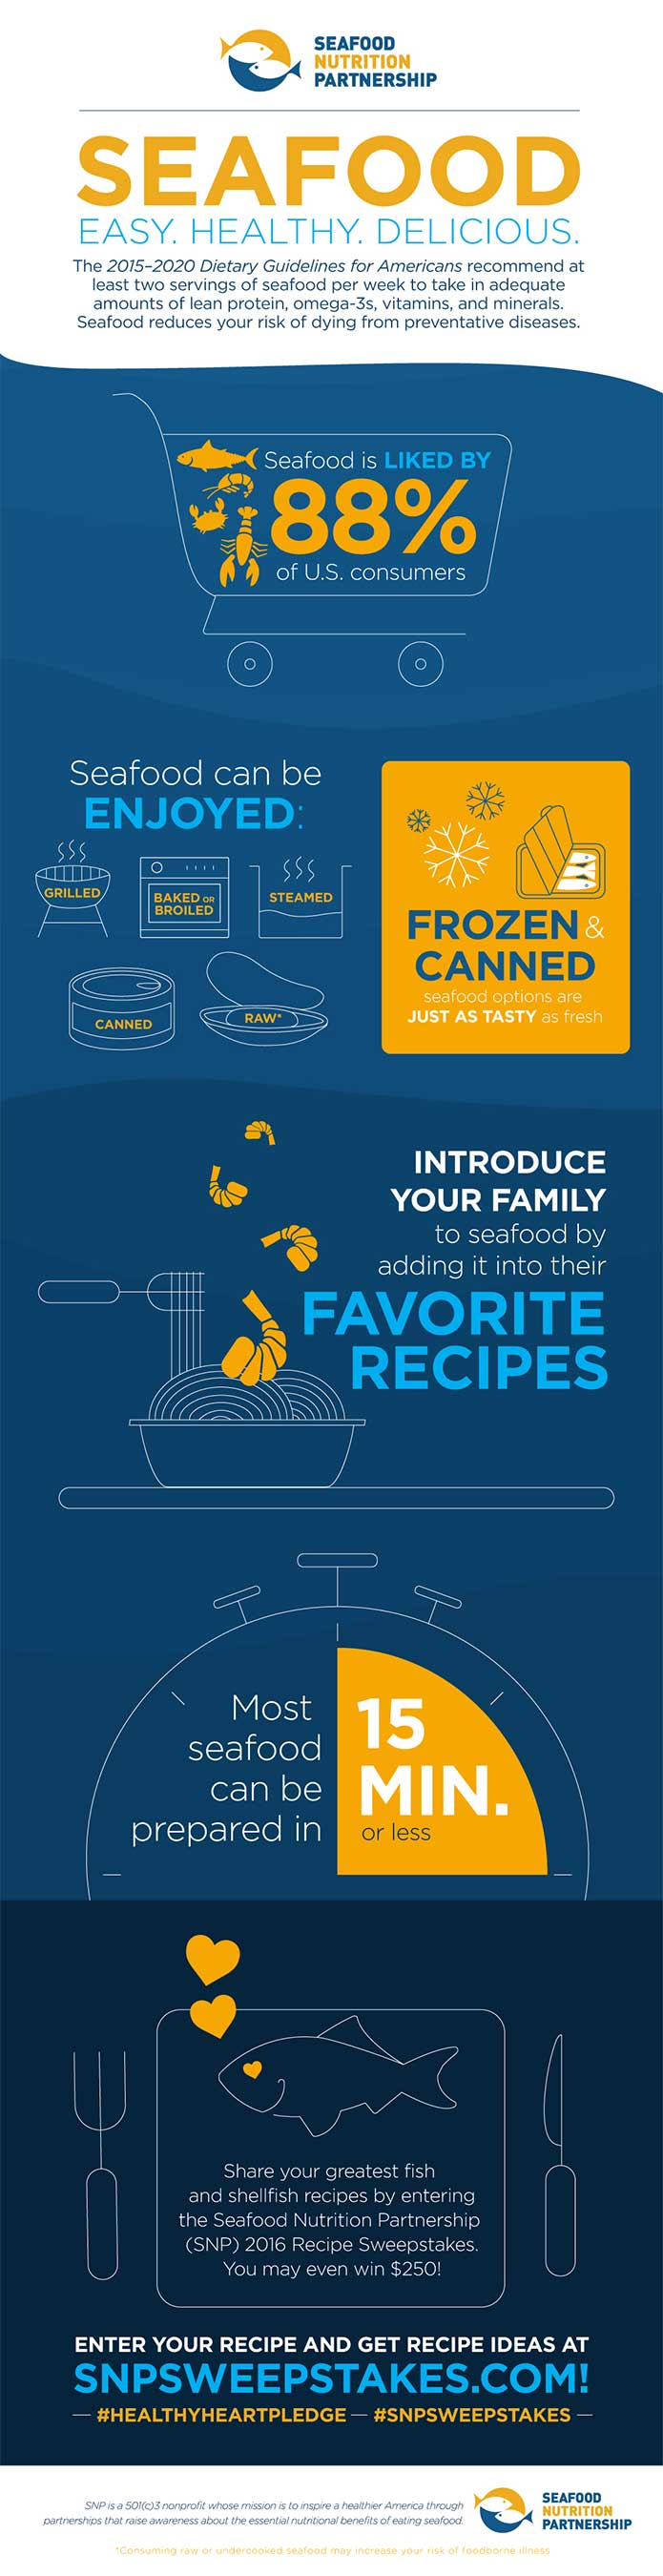 Seafood: Easy. Healthy. Delicious.